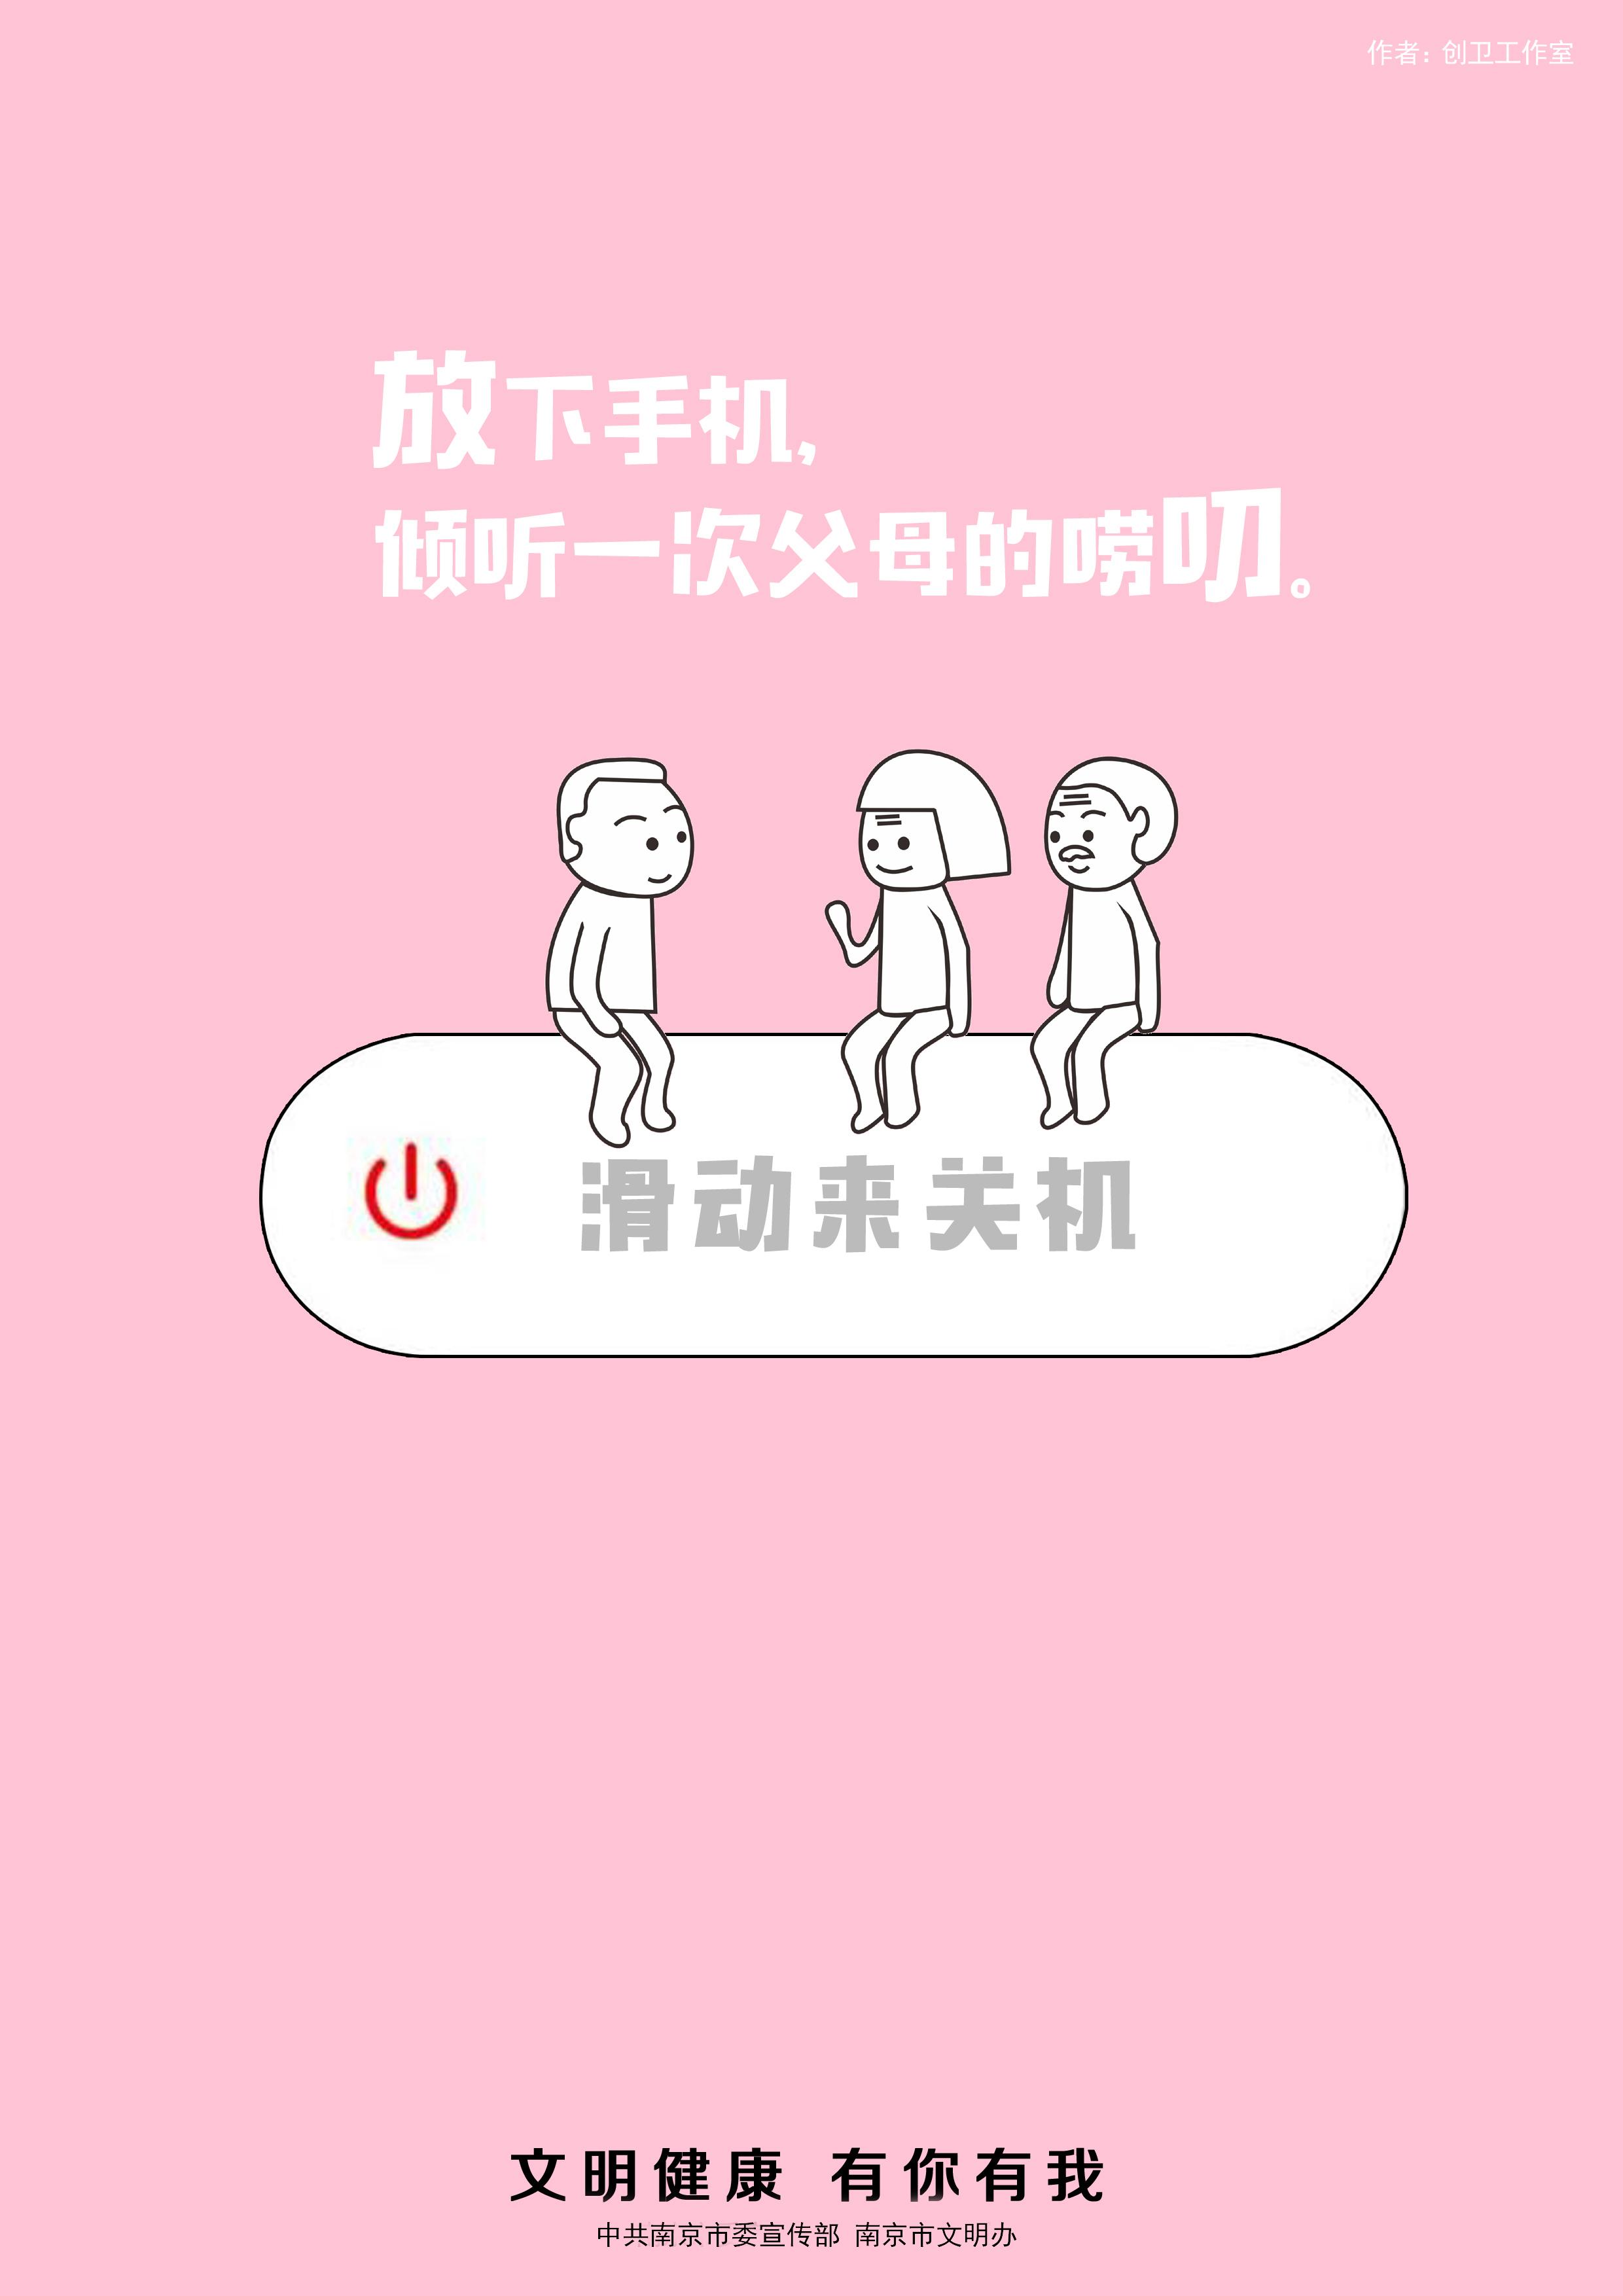 弘扬新风.jpg